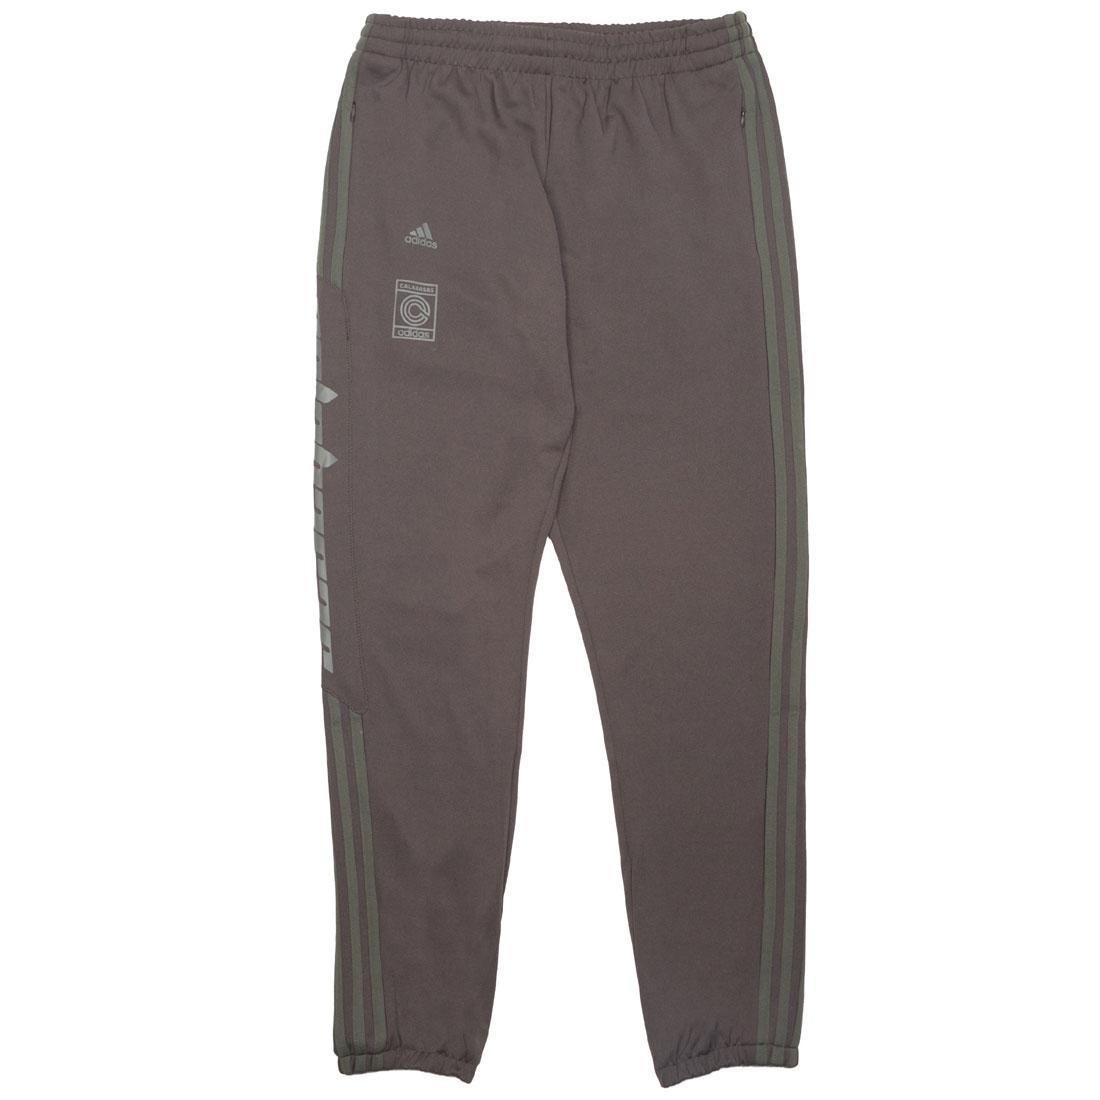 【海外限定】アディダス トラック パンツ メンズファッション 【 ADIDAS MEN YEEZY CALABASAS TRACK PANTS GRAY UMBER CORE 】